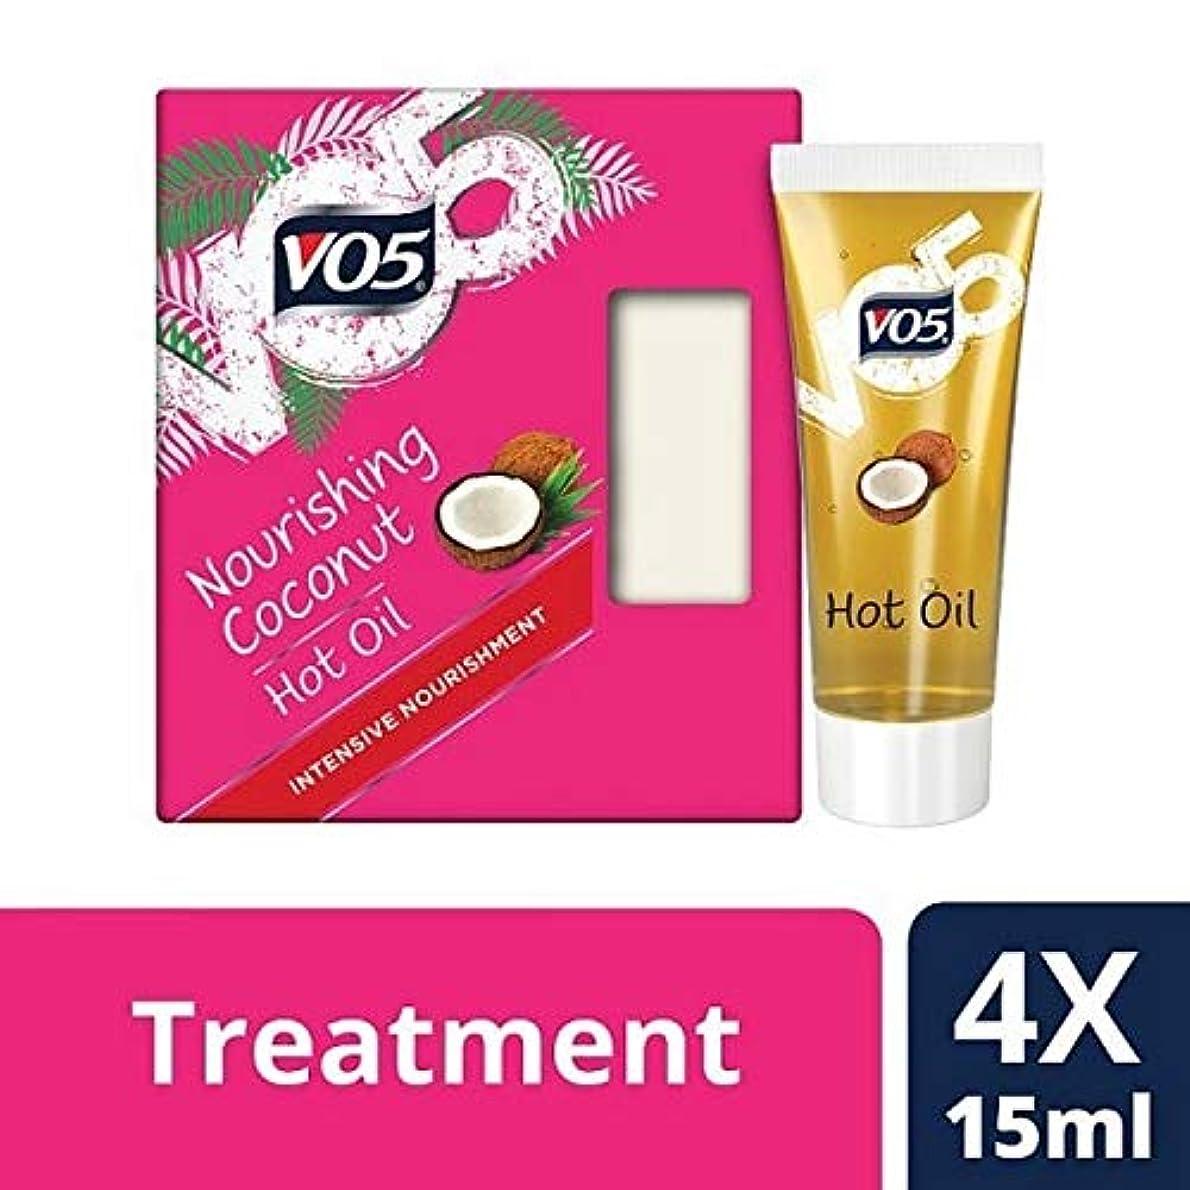 引用十年発送[VO5] Vo5栄養ココナッツ熱油4X15Ml - VO5 Nourishing Coconut Hot Oil 4x15ml [並行輸入品]